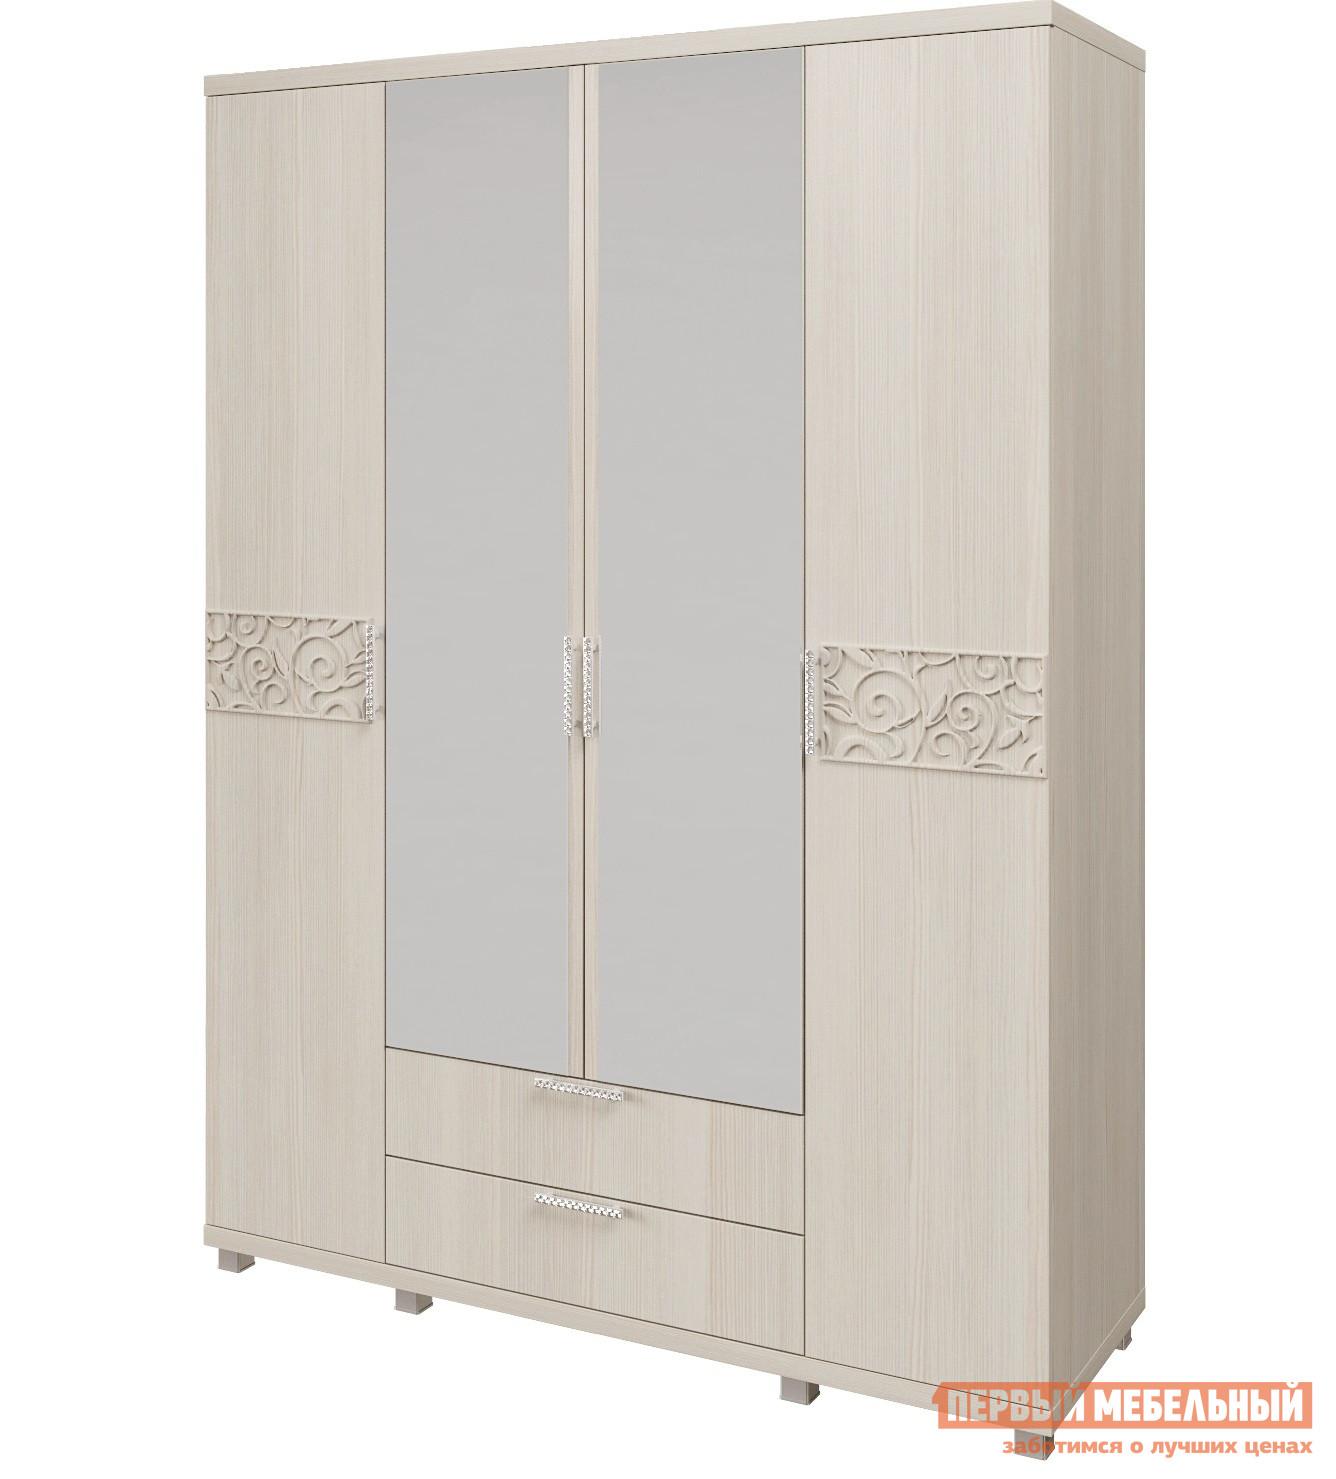 Шкаф распашной ТД Арника 06 «Ирис» Шкаф для одежды 4-х дверный с ящиками